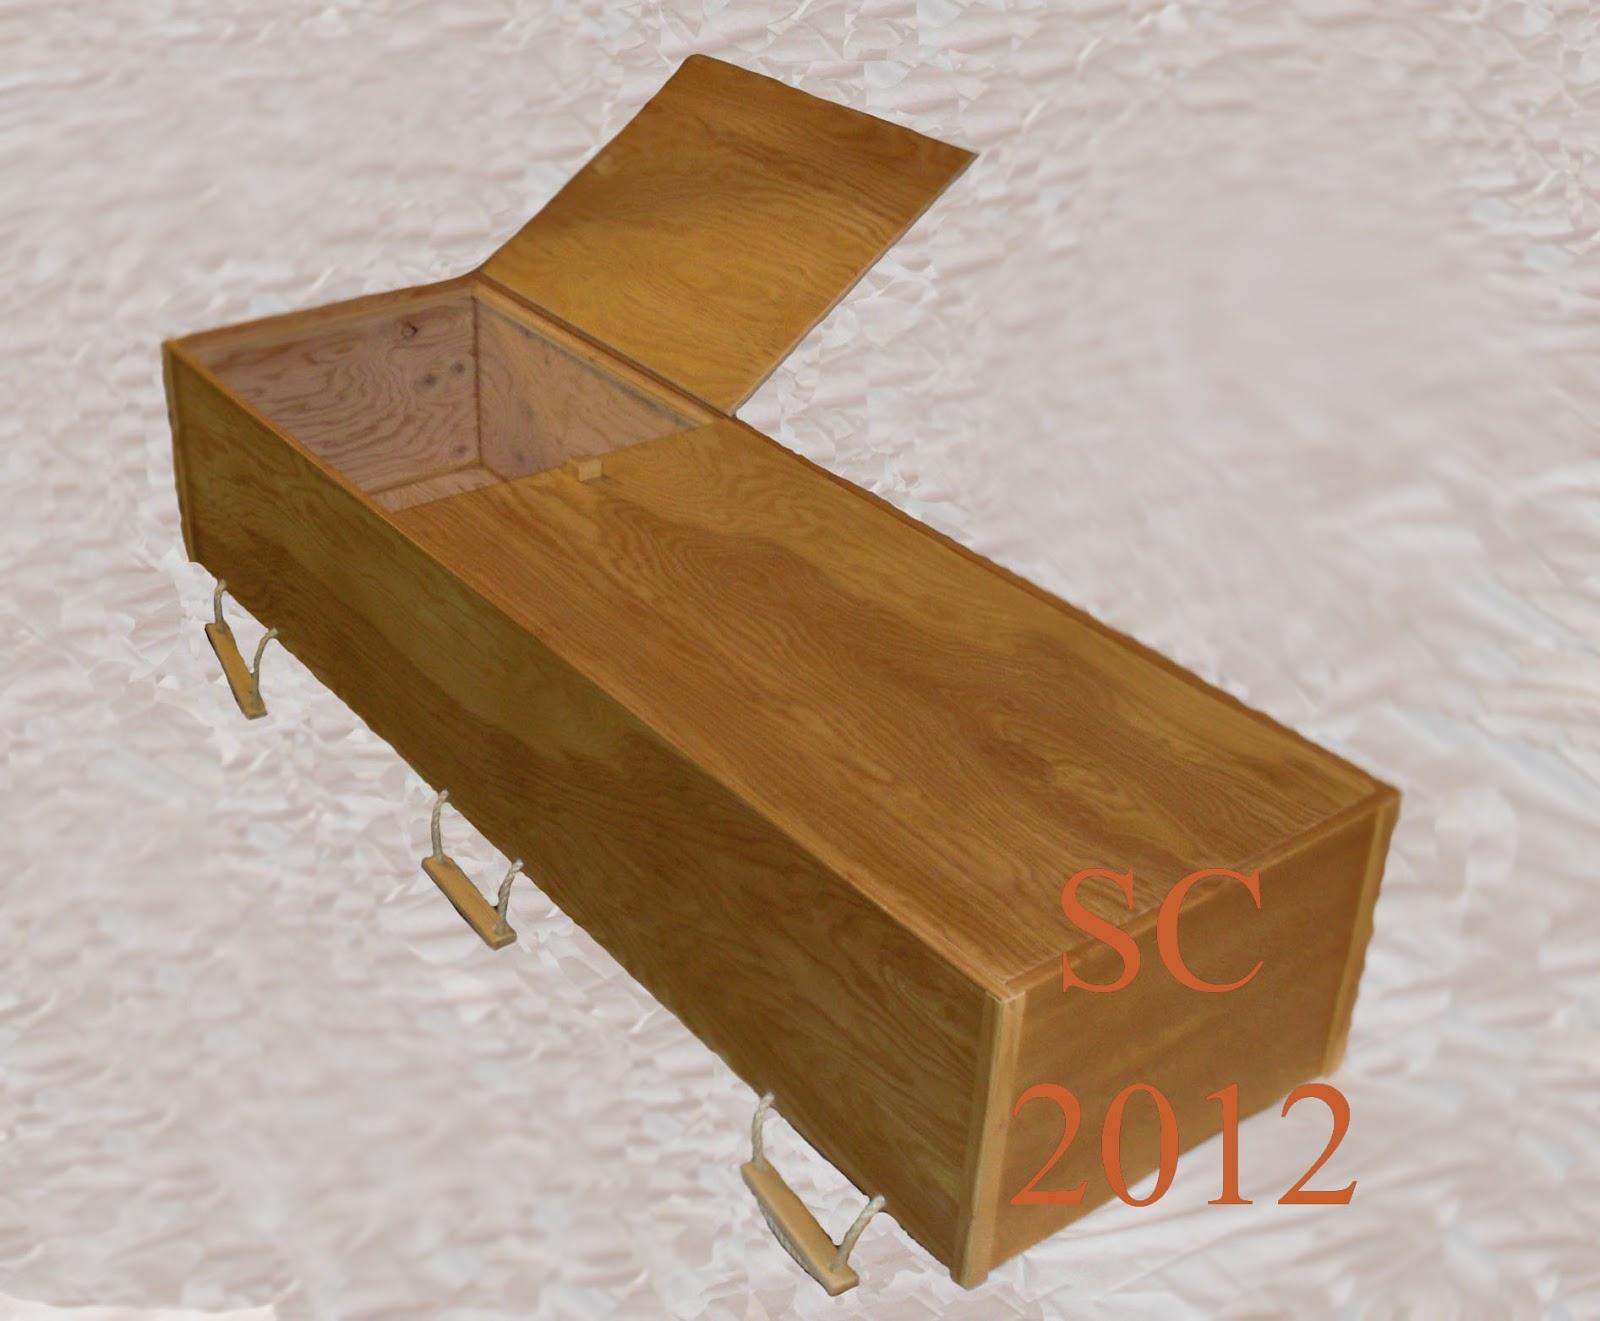 http://3.bp.blogspot.com/-CyM7xvhL2Og/UEo8lTrLewI/AAAAAAAAANo/OPoQV8KMoVw/s1600/emergency%2Bcasket.jpg